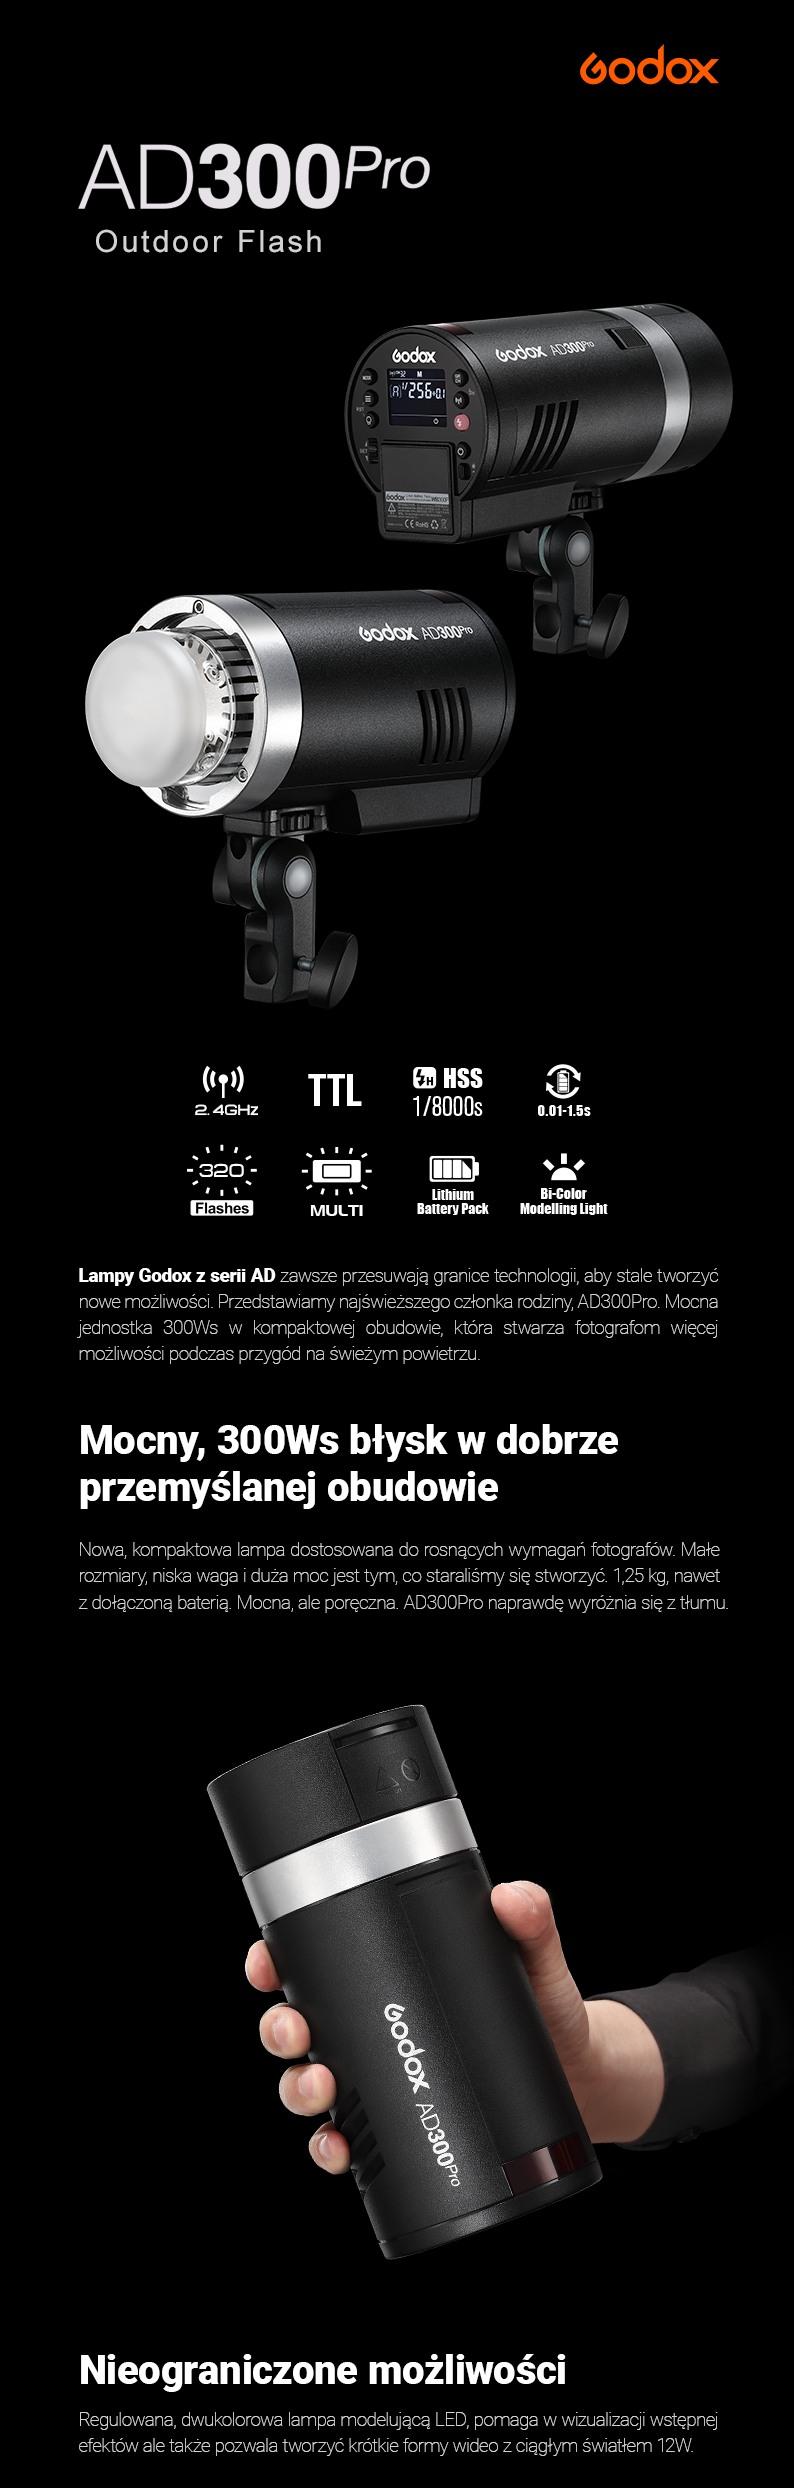 Godox AD300Pro Outdoor Flash. Mocny 300Ws błysk w dobrze przemyślanej obudowie. Nieograniczone możliwości. Obsługa TTL, wbudowany system bezprzewodowy Godox 2.4G X